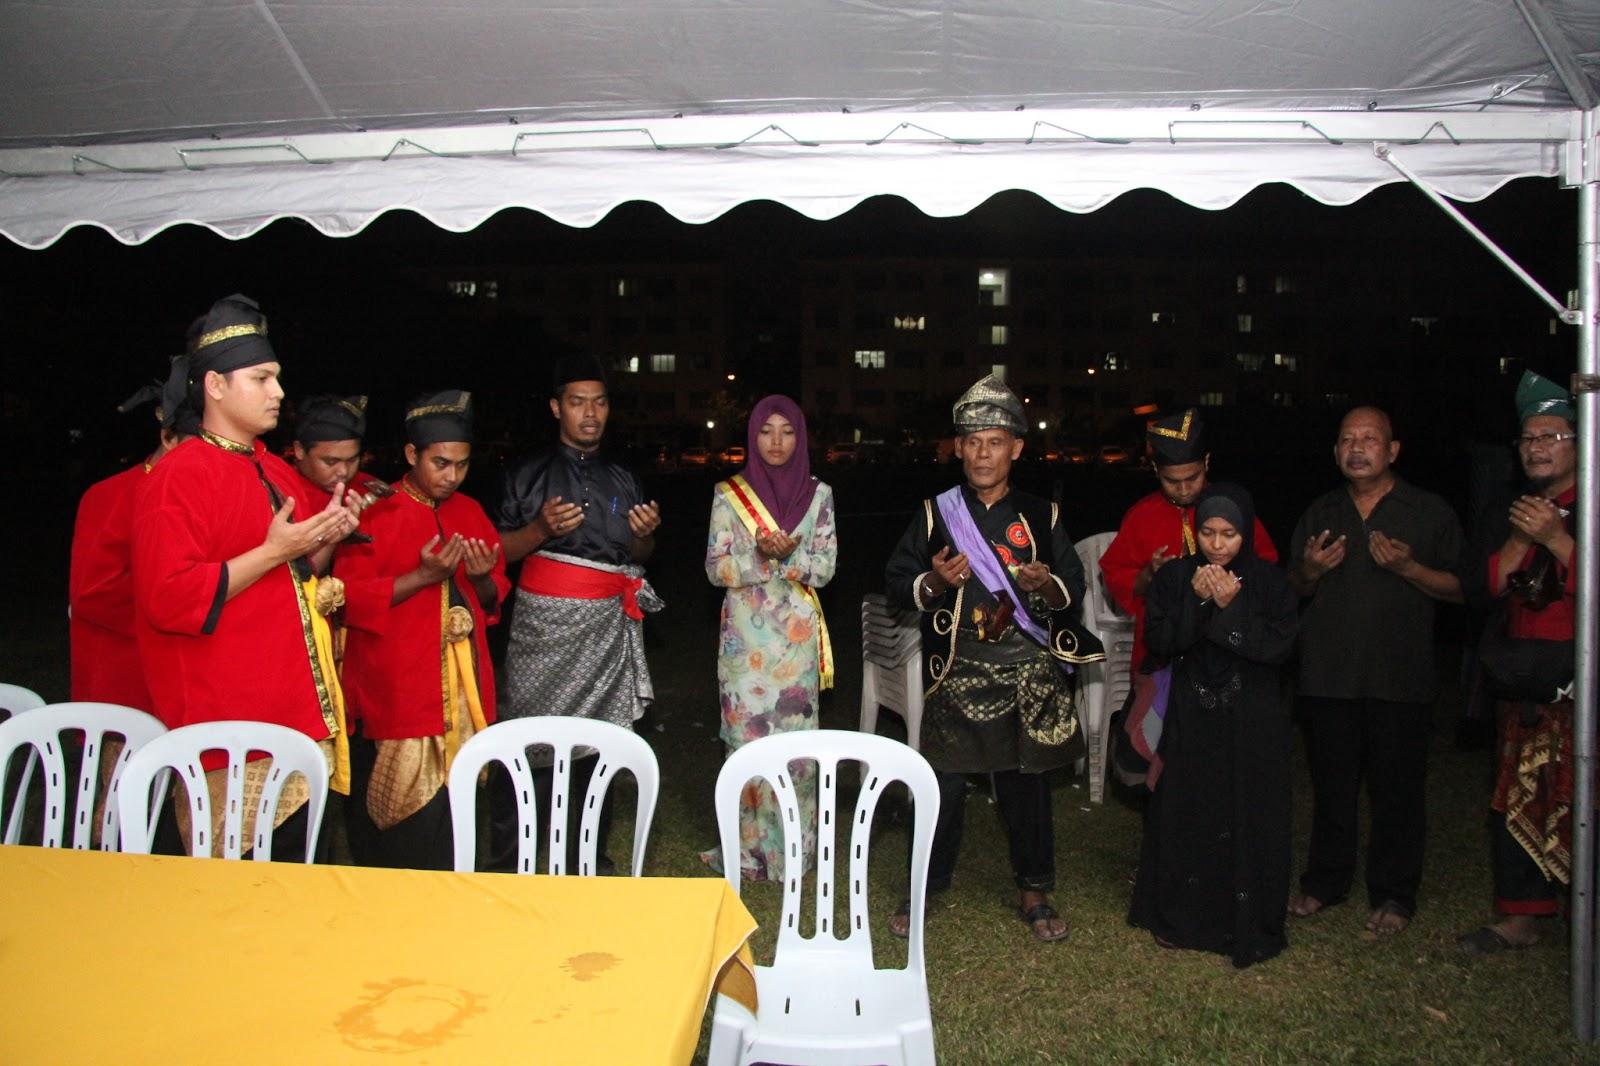 Silat Seni Gayong Selangor Barisan Seni Silat Gayong